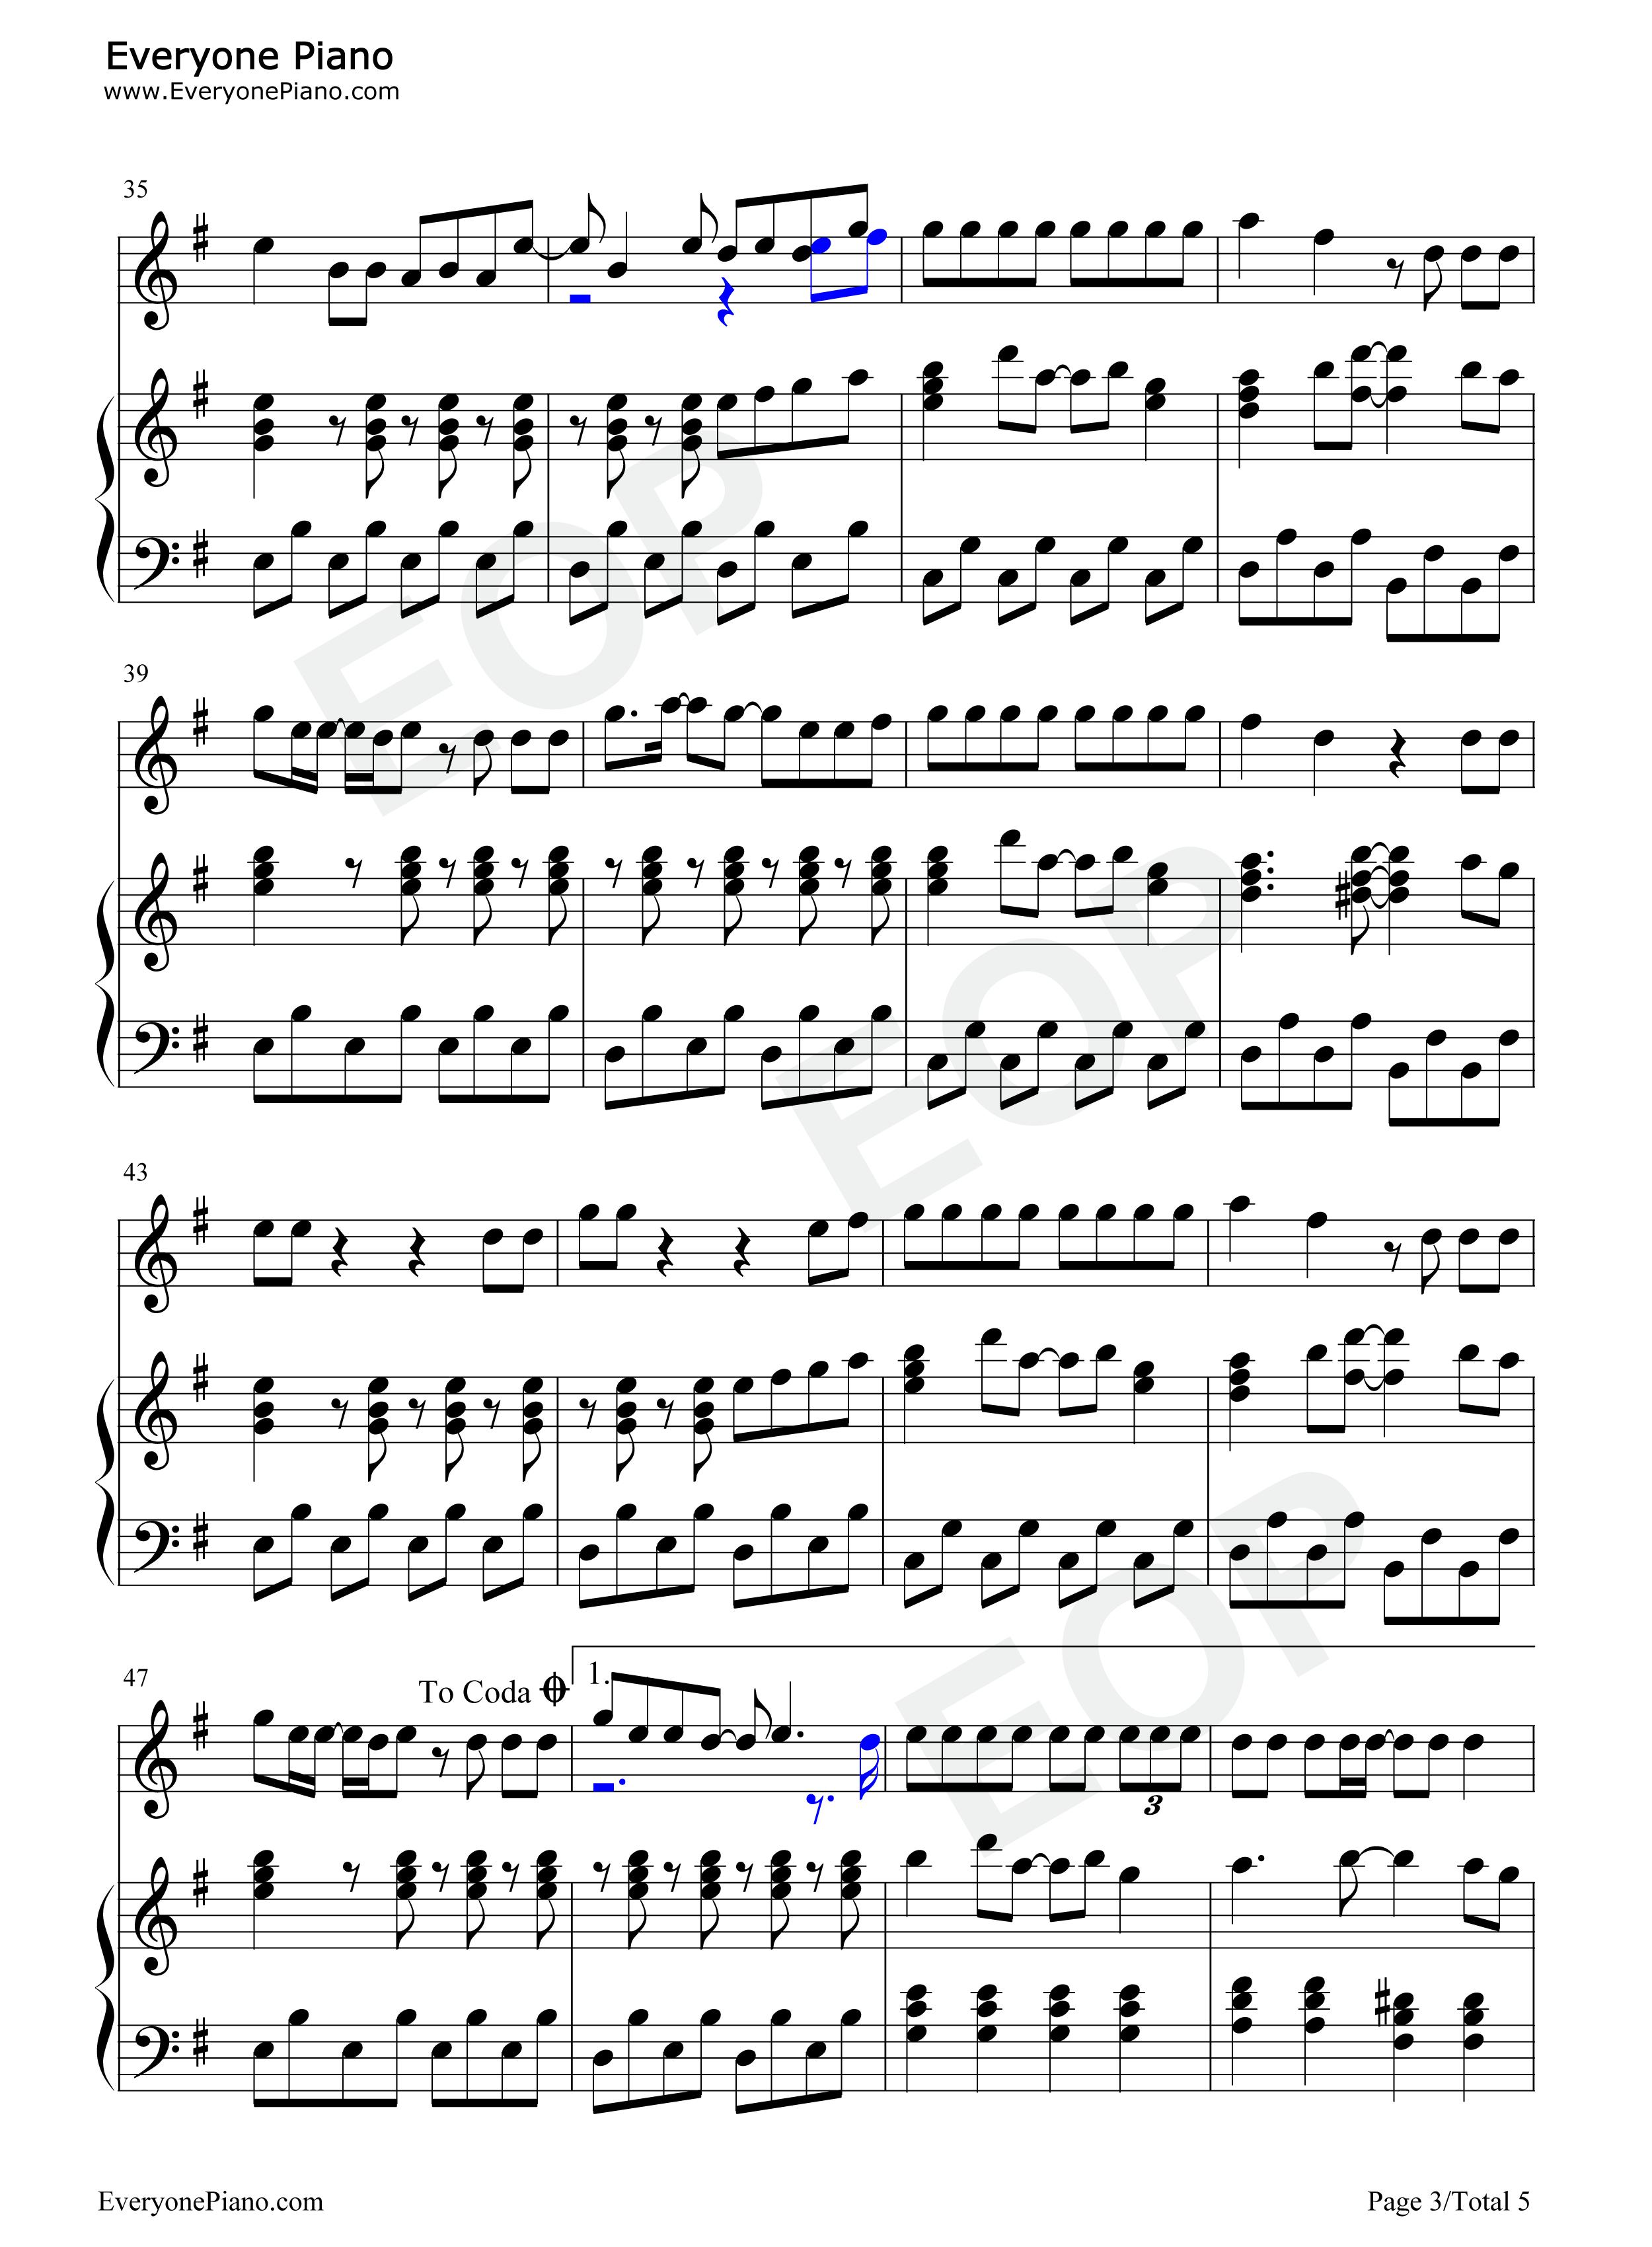 谎言 伴奏版 bigbang eop教学曲五线谱预览3 钢琴谱求-谎言bigbang